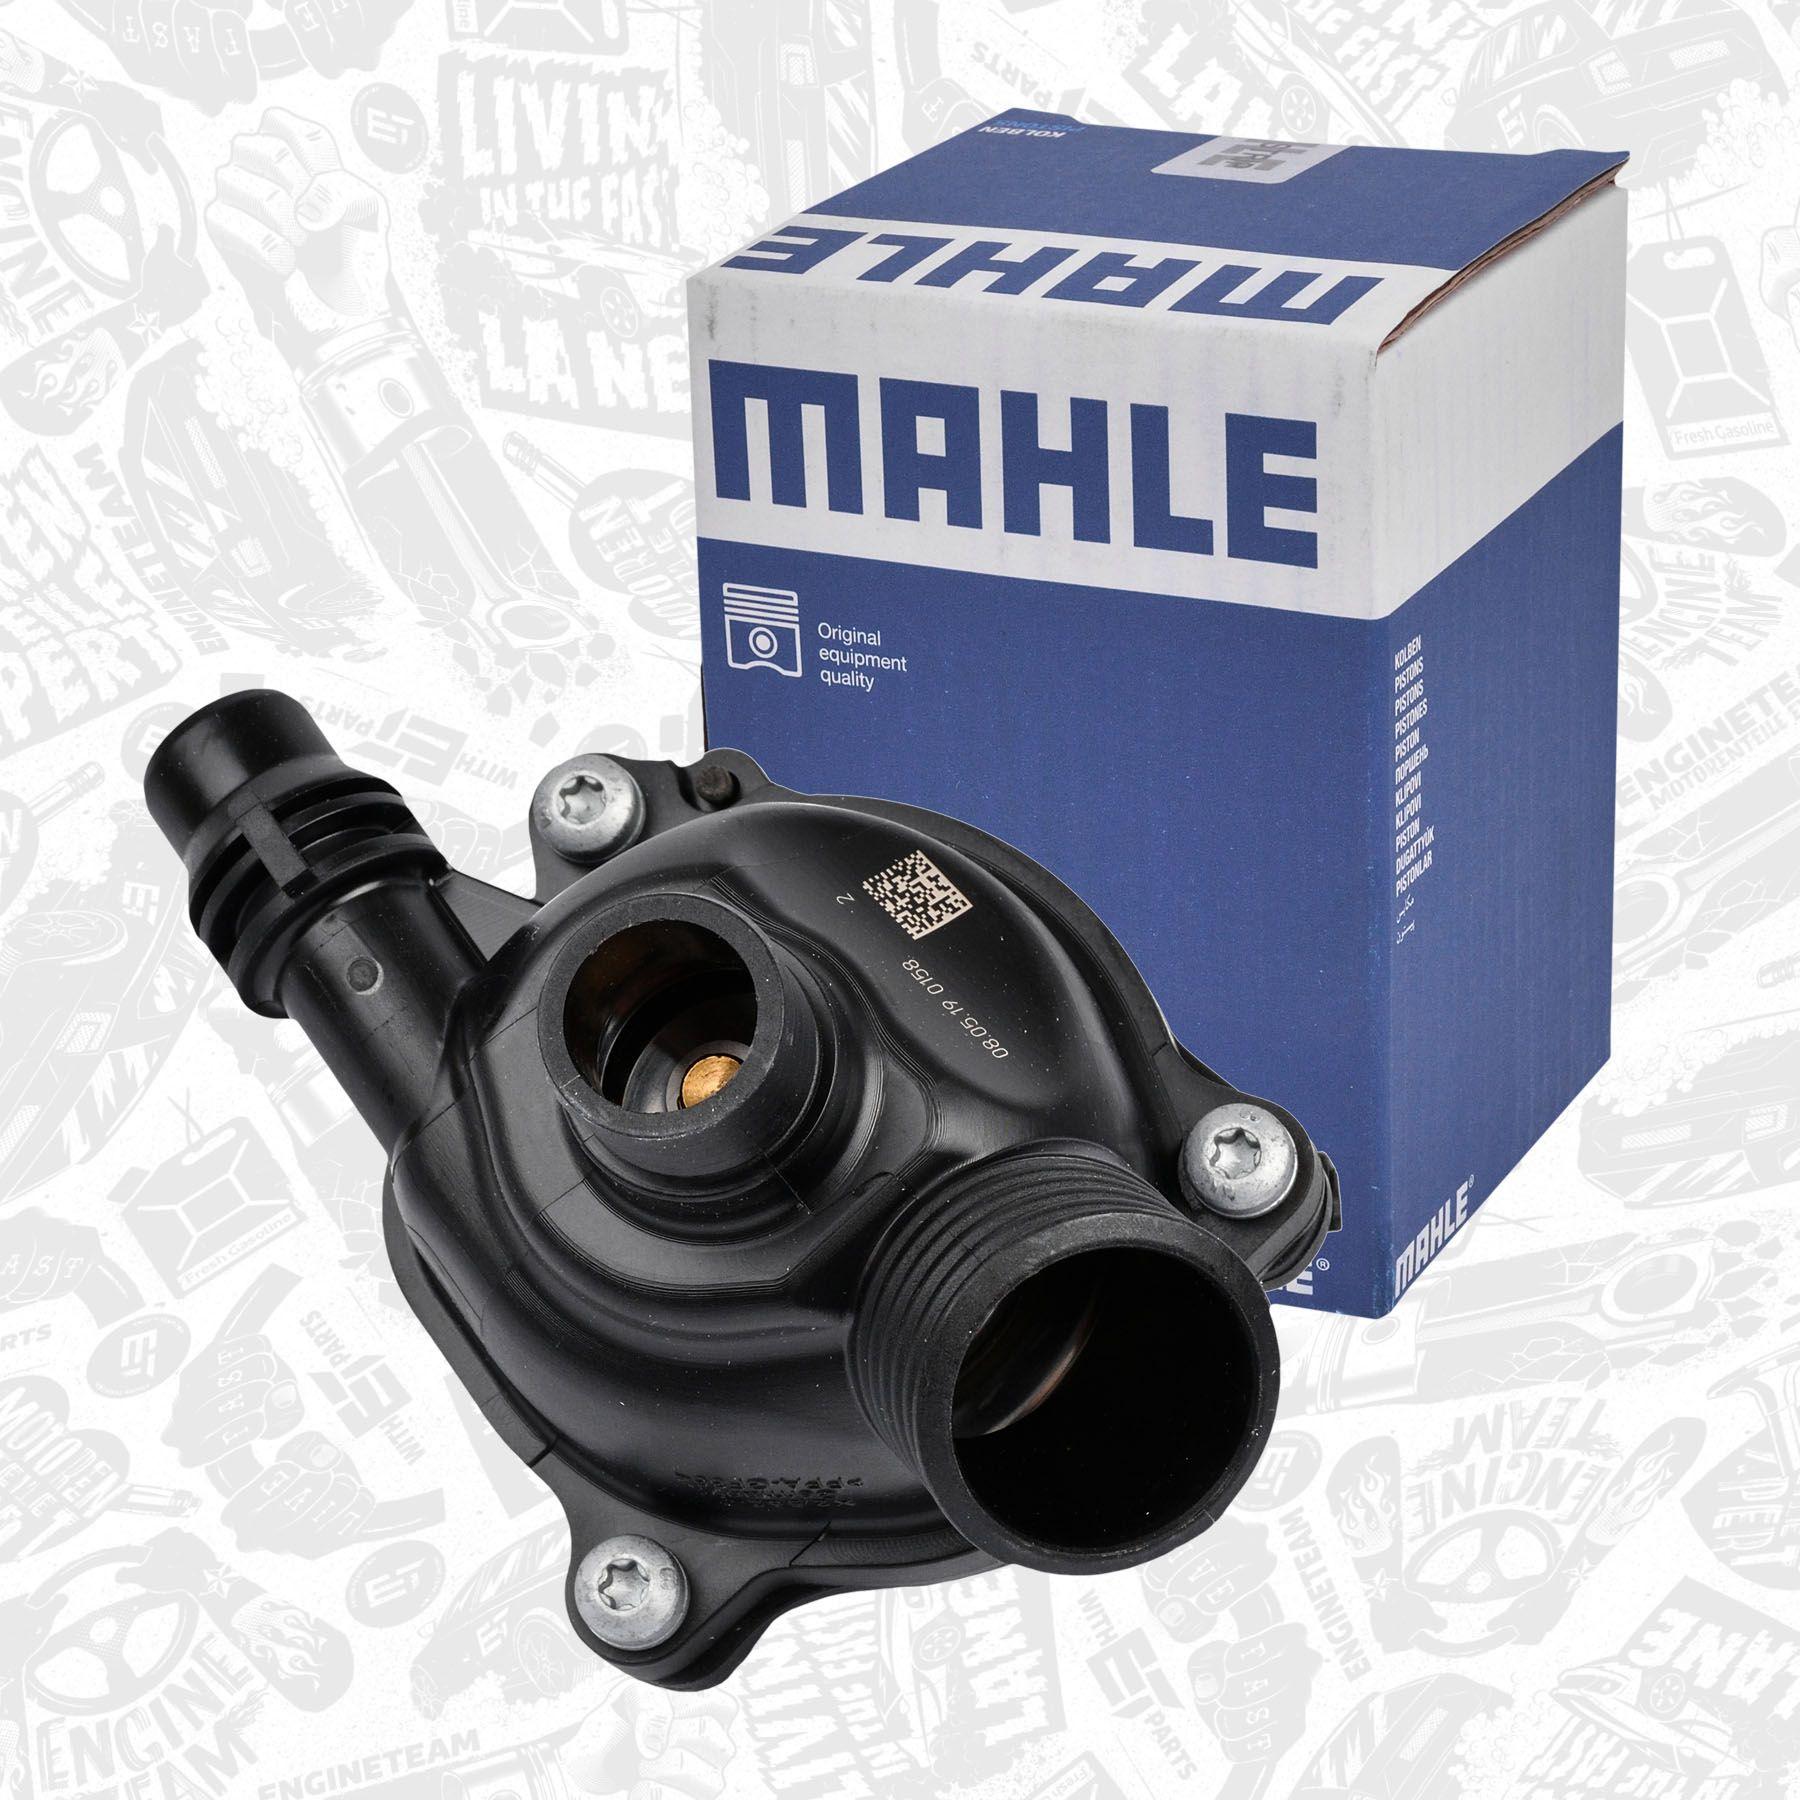 Artikelnummer PW0006 ET ENGINETEAM Preise